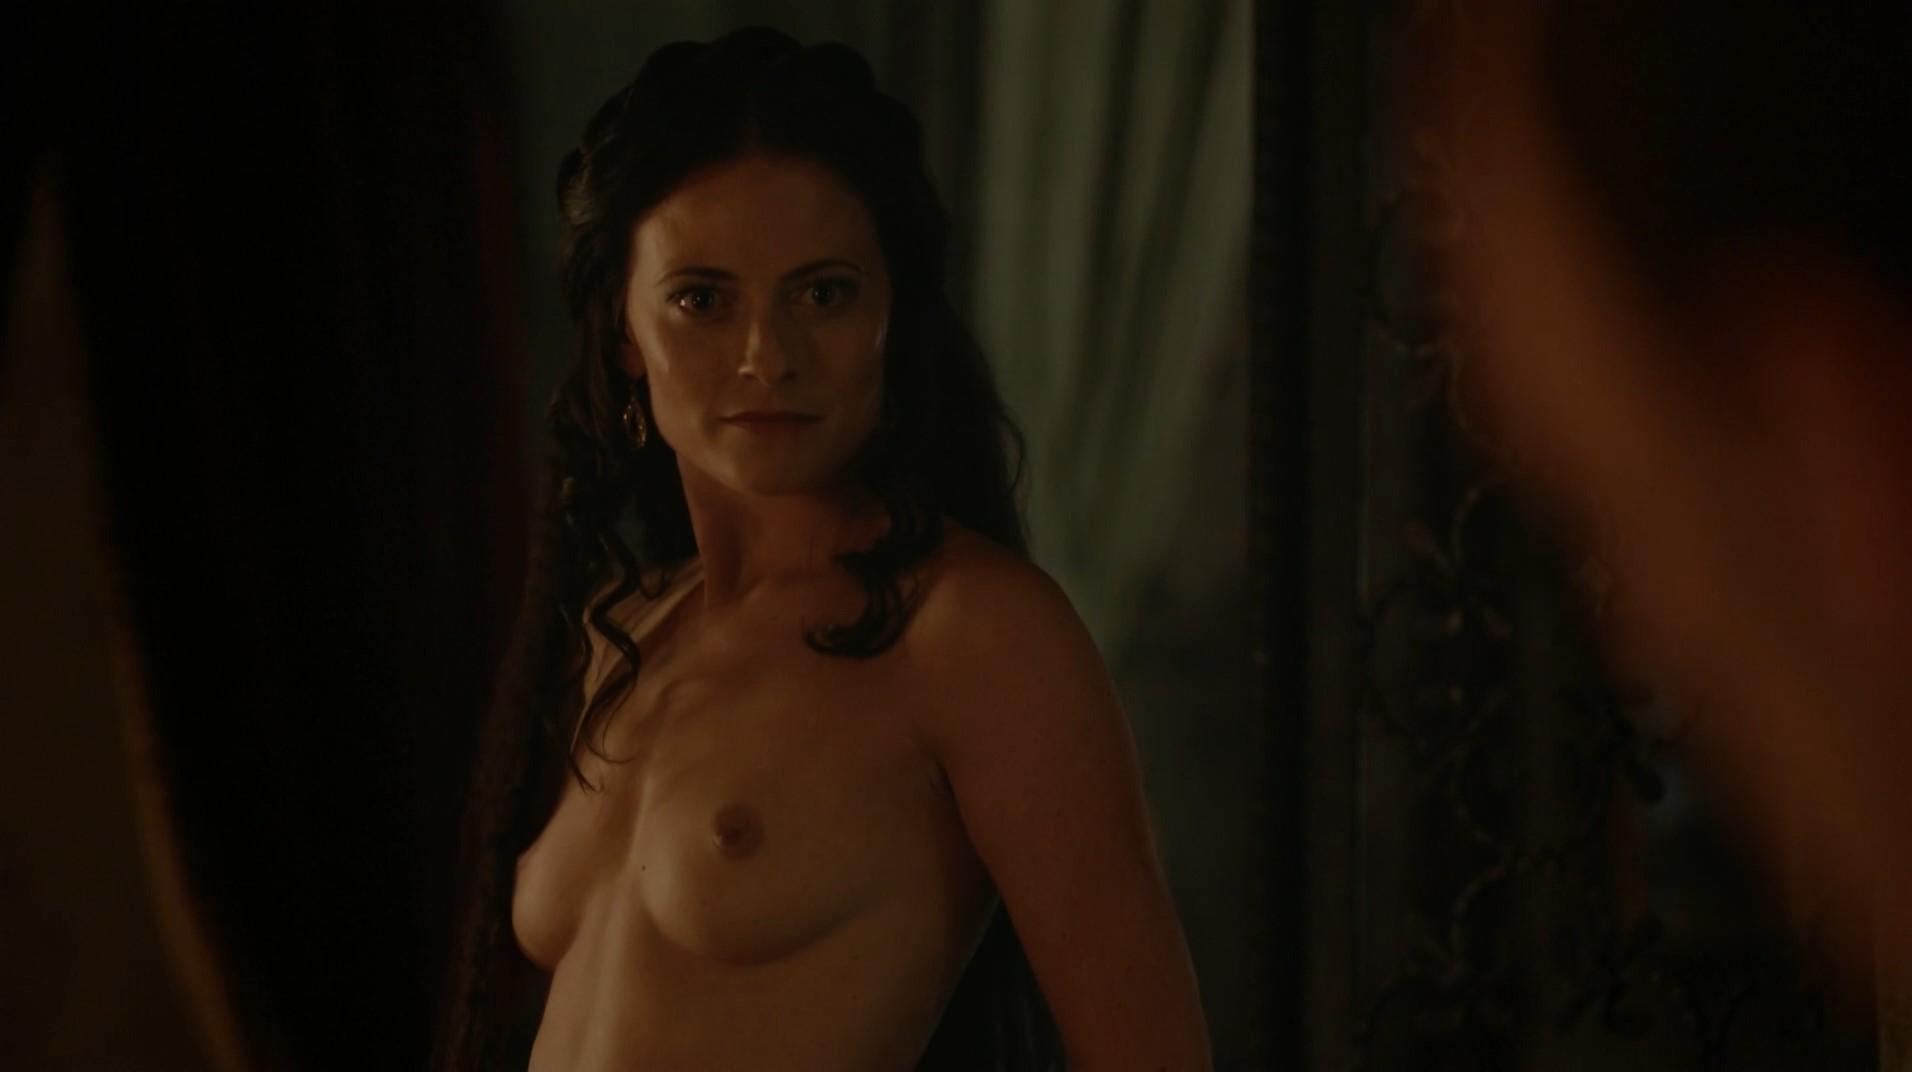 Lara johnston naked, xxx sex priyanka chopra photos